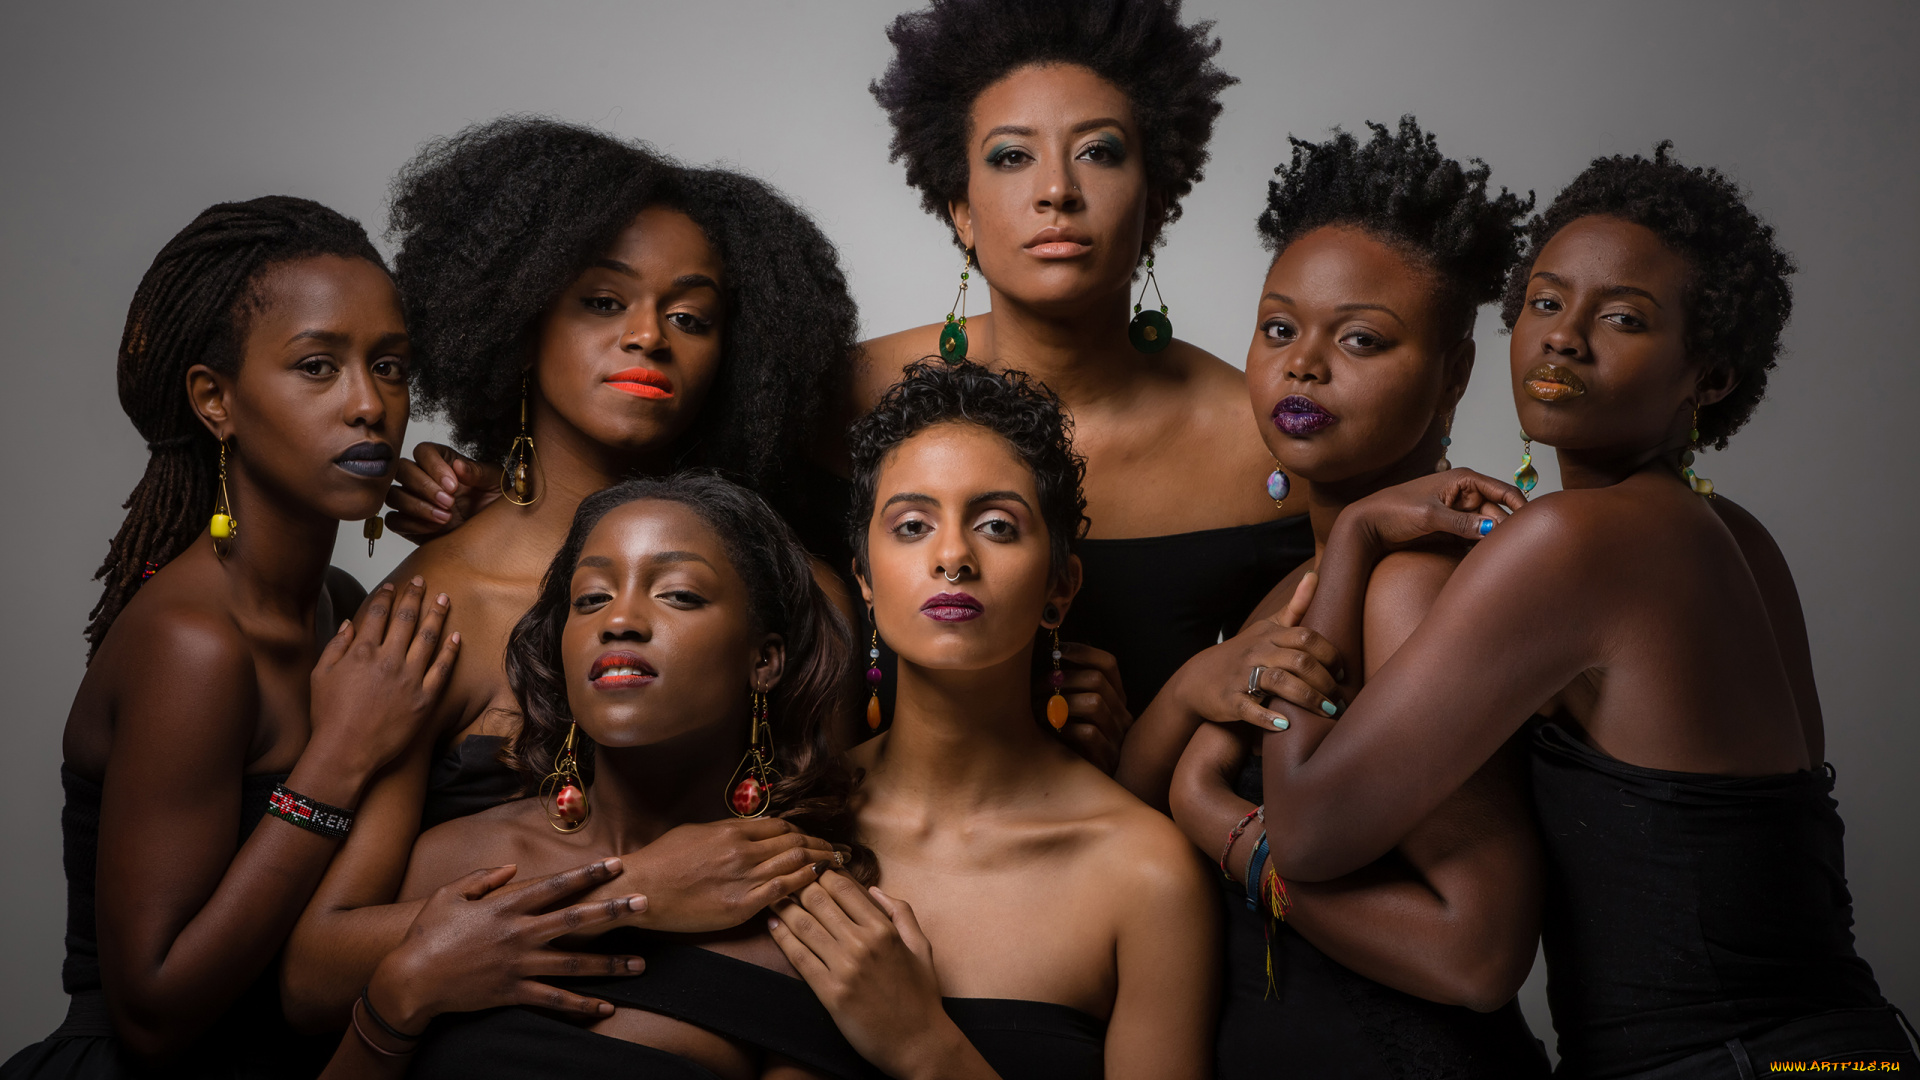 Black girl groups — 4